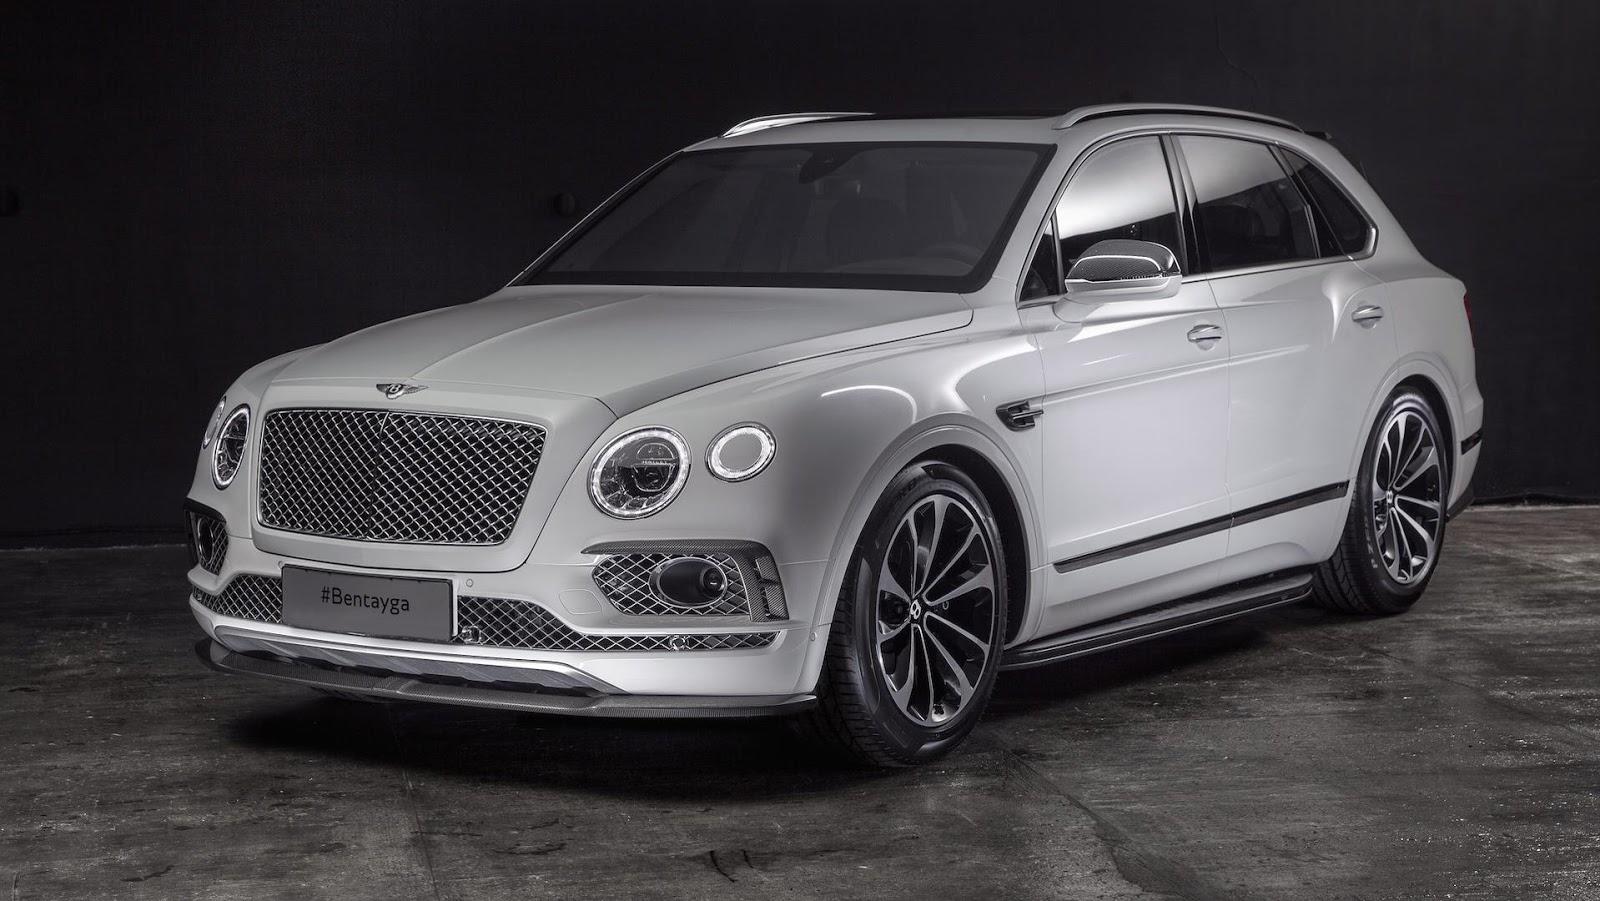 Bentley Bentayga by Carbon Pro (1)